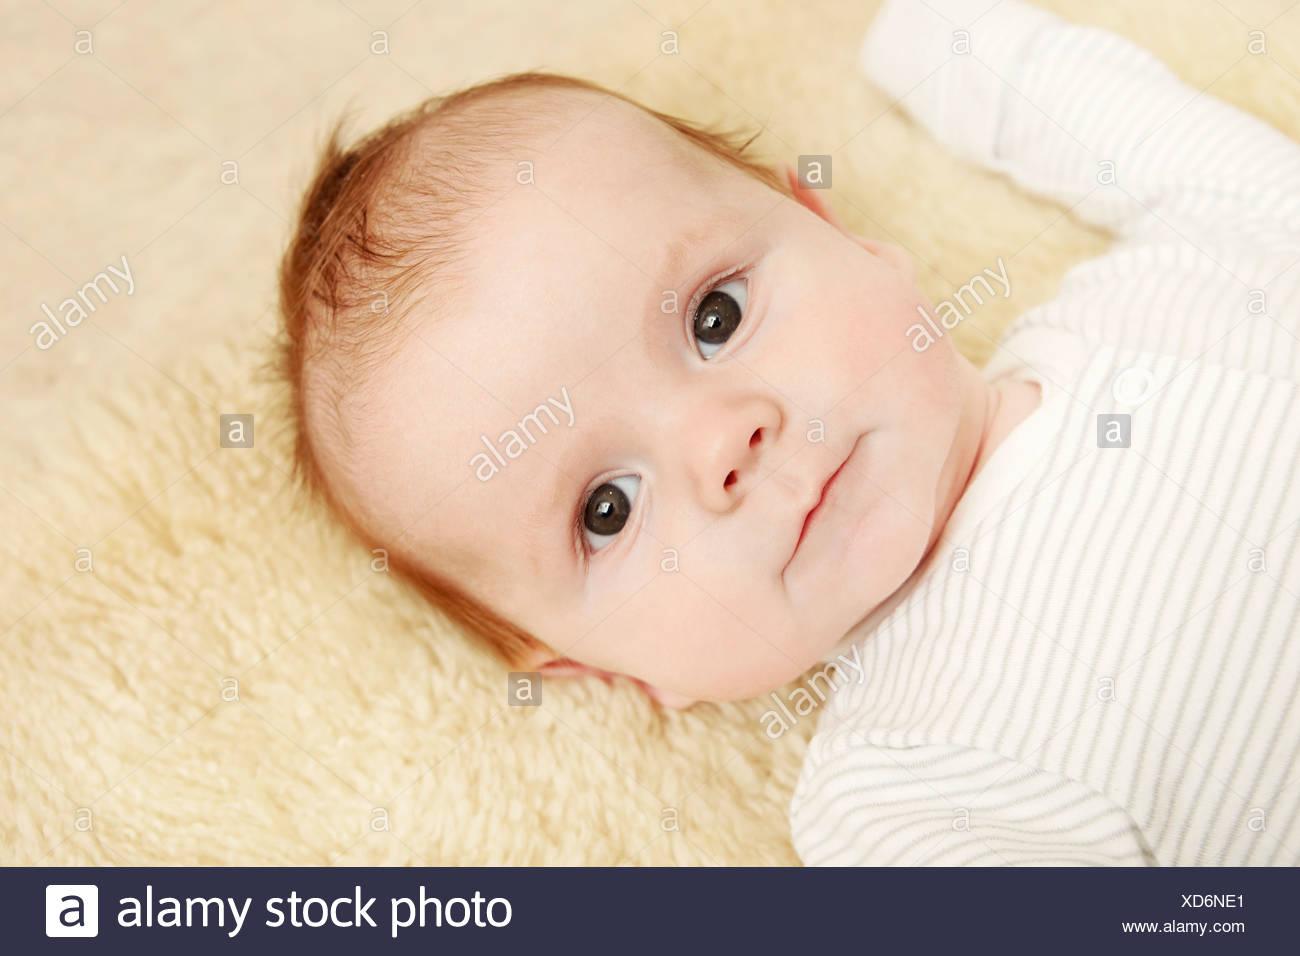 Zwei Monate altes Baby junge liegend auf pelzigen Decke Stockbild